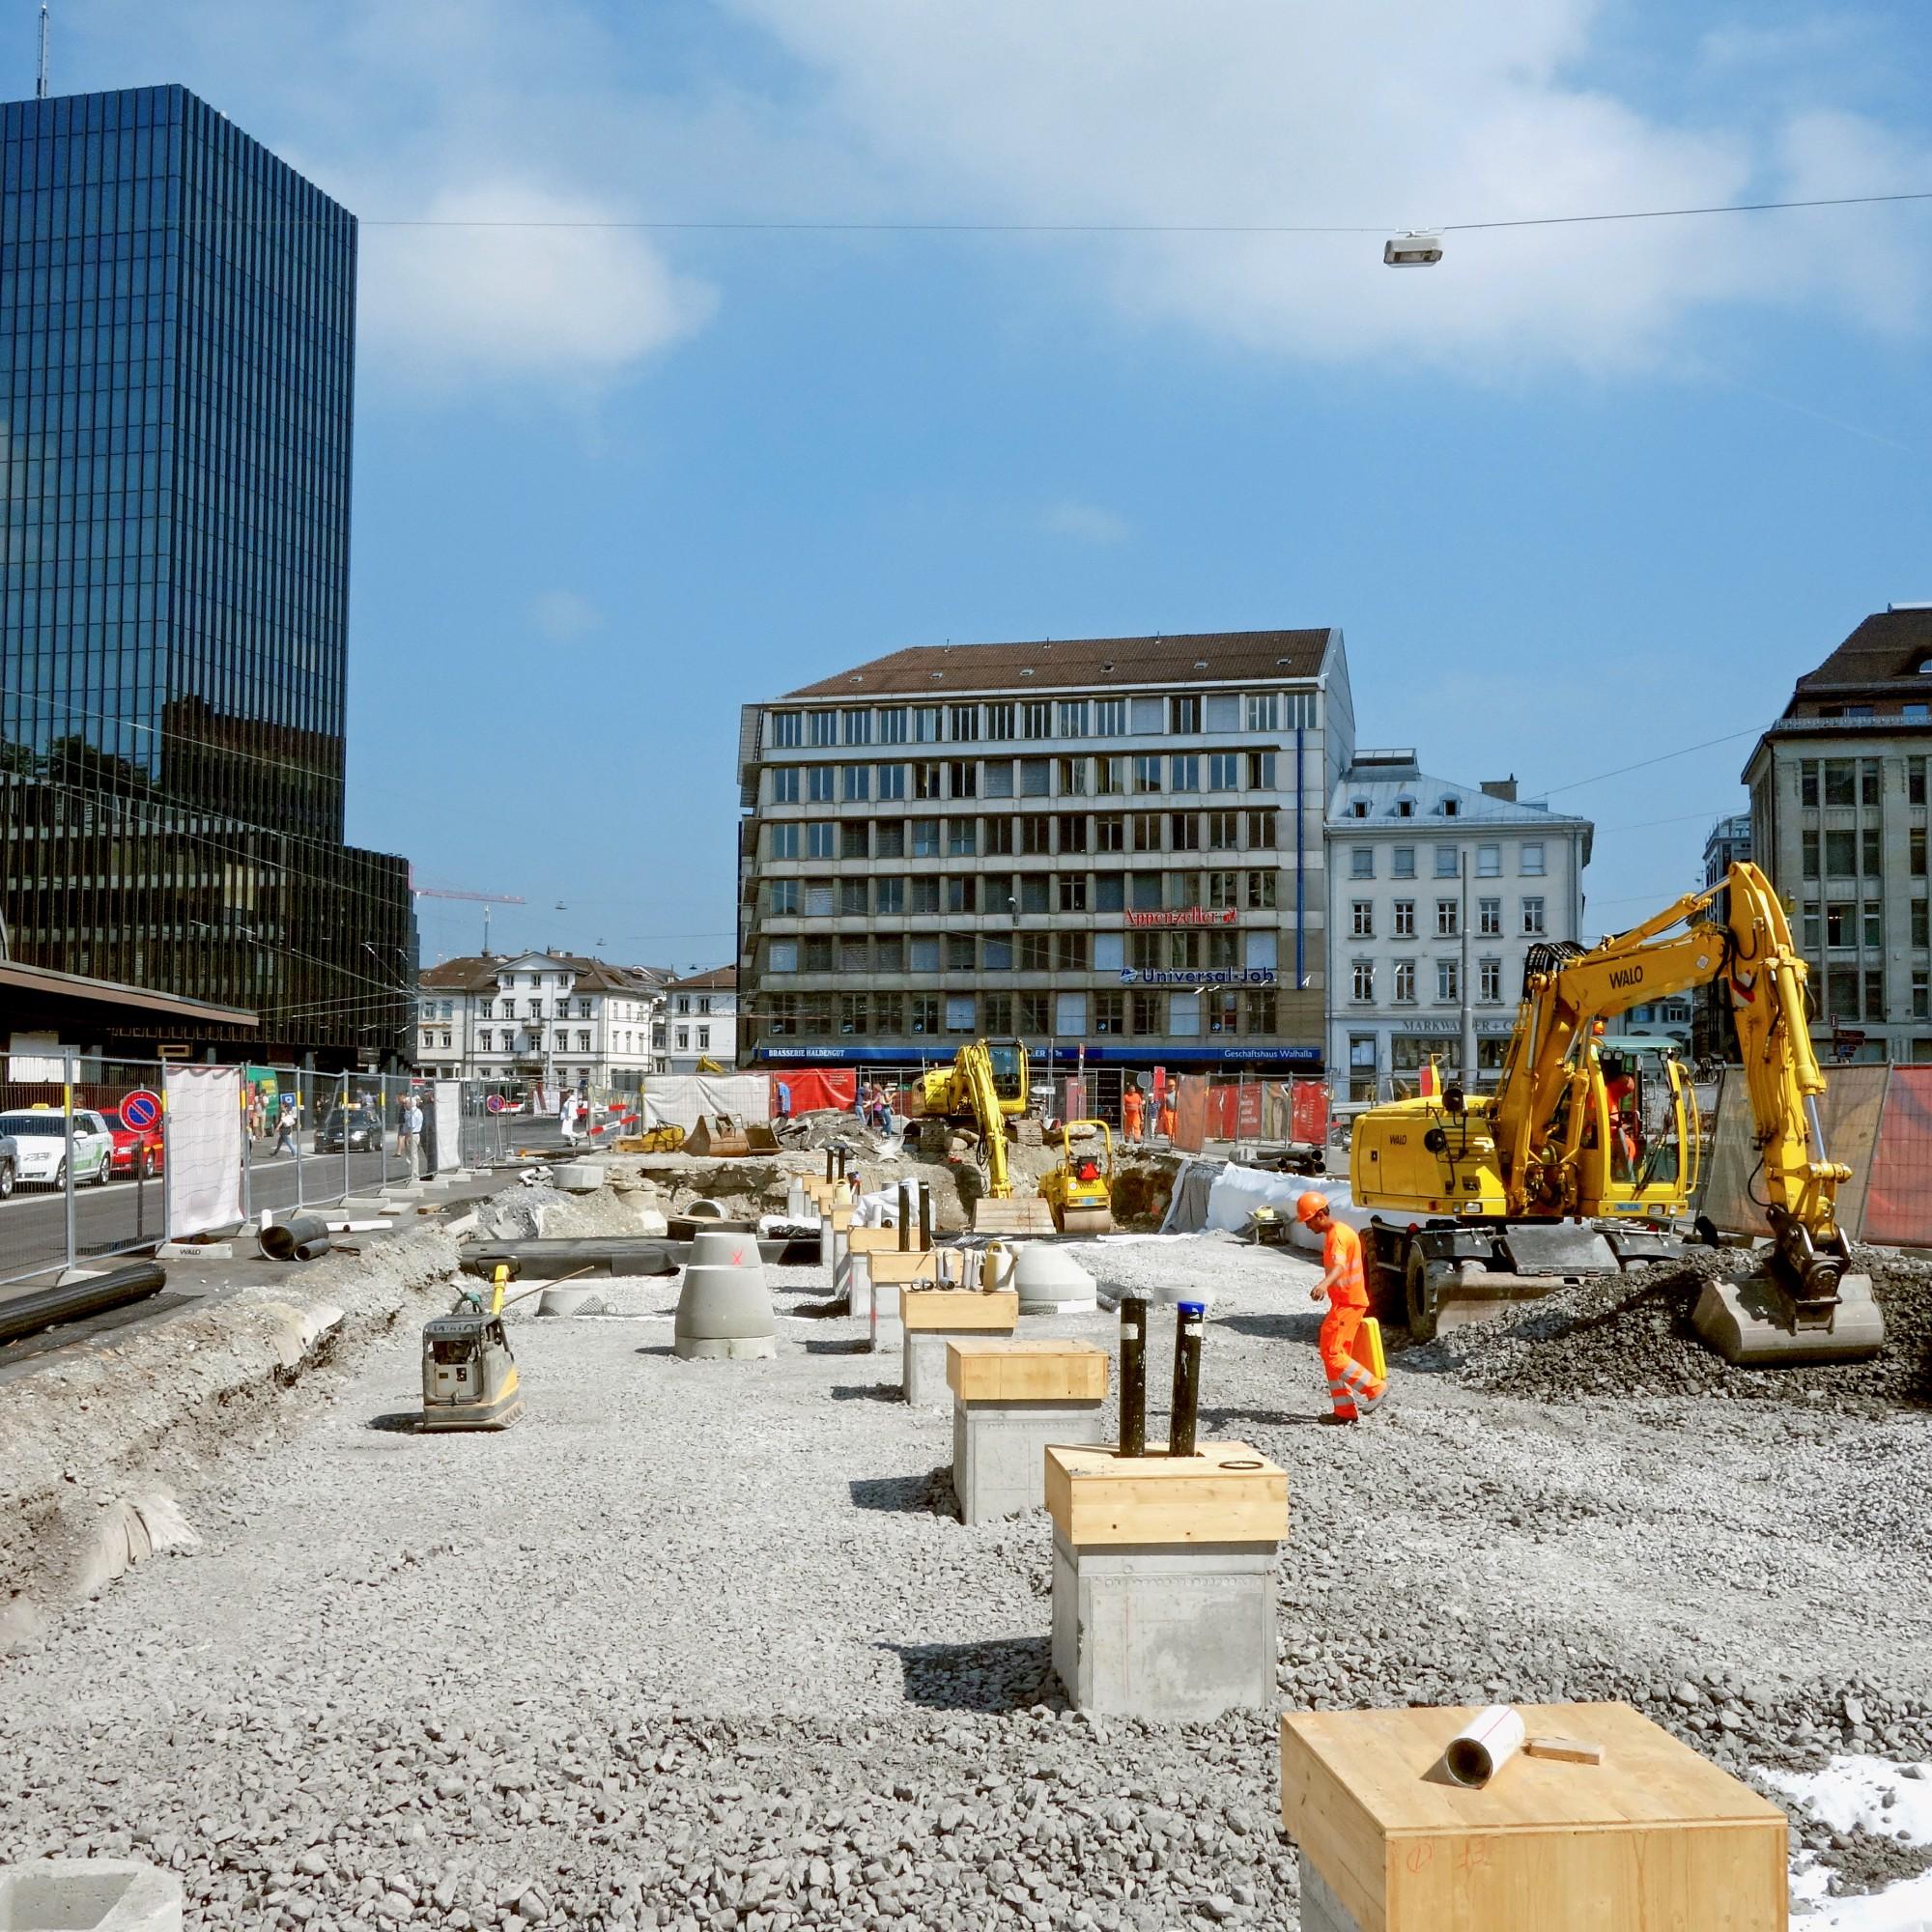 Grossbaustelle St.Gallen: Rund um den Bahnhof St.Gallen wird alles neu,  um die steigende Zahl an Passagieren  besser bewältigen zu können.